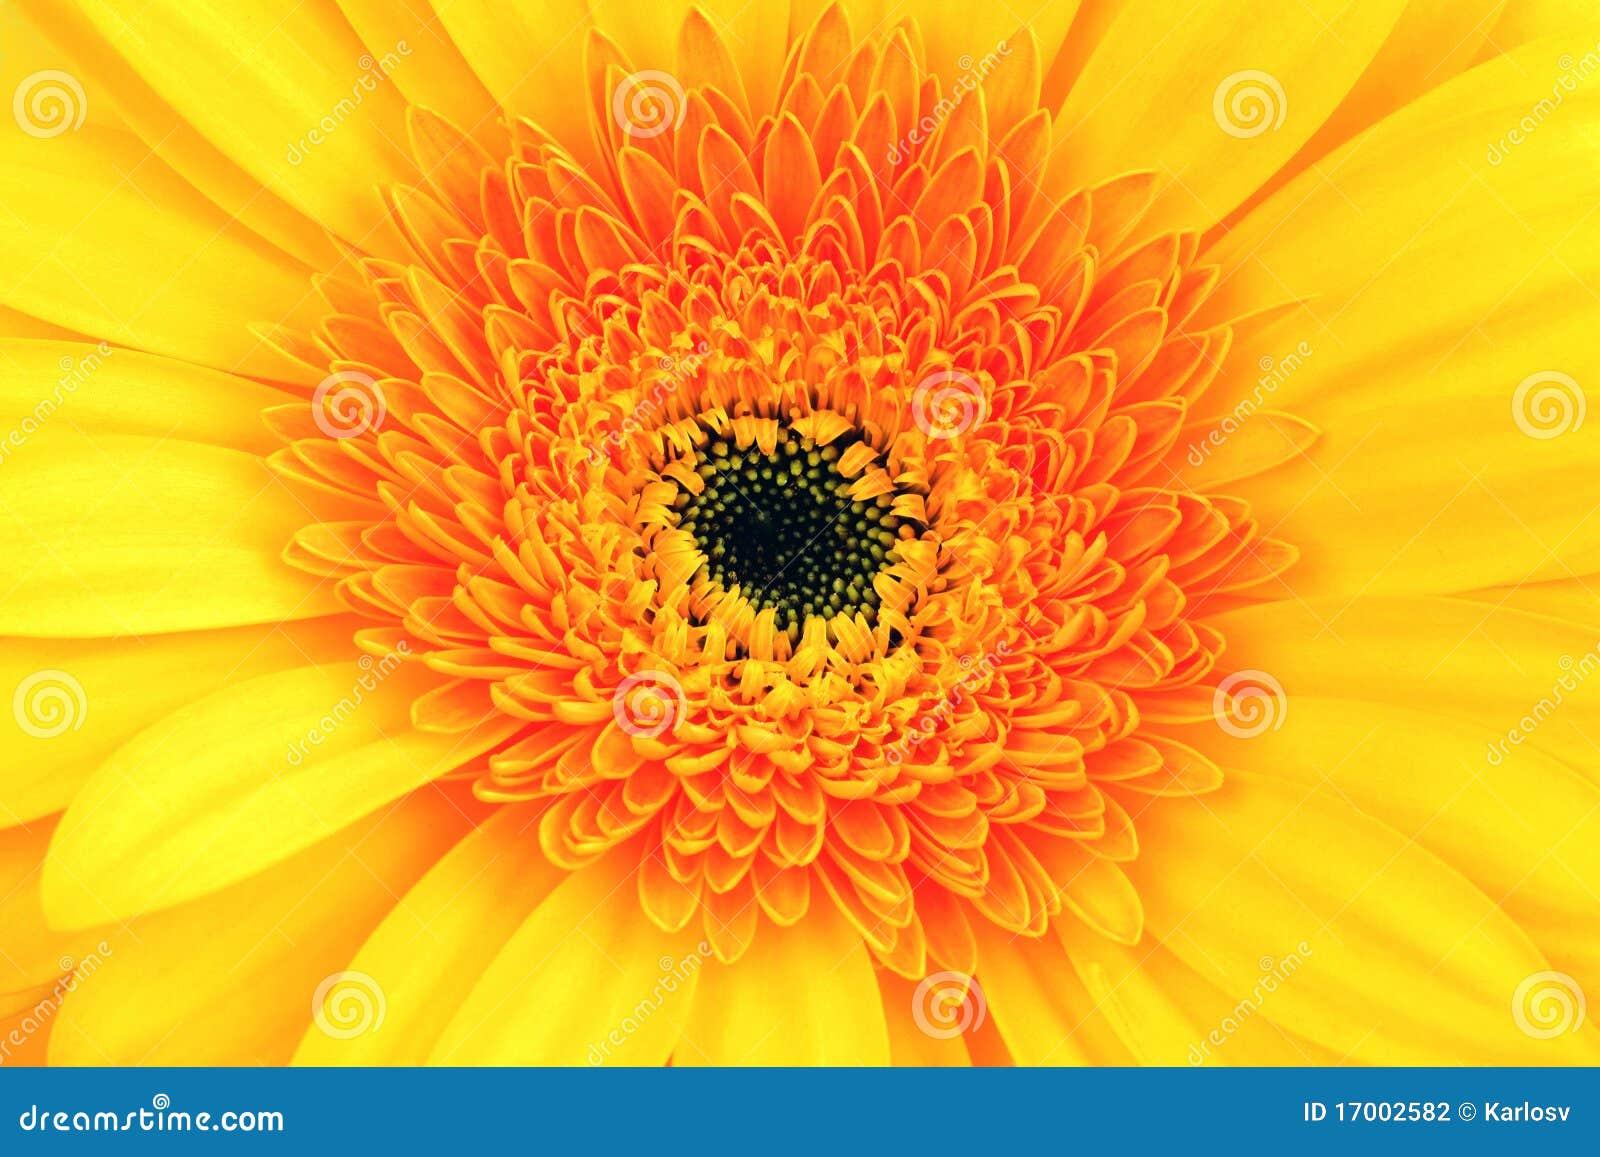 Rood-gele bloem dichte omhooggaand